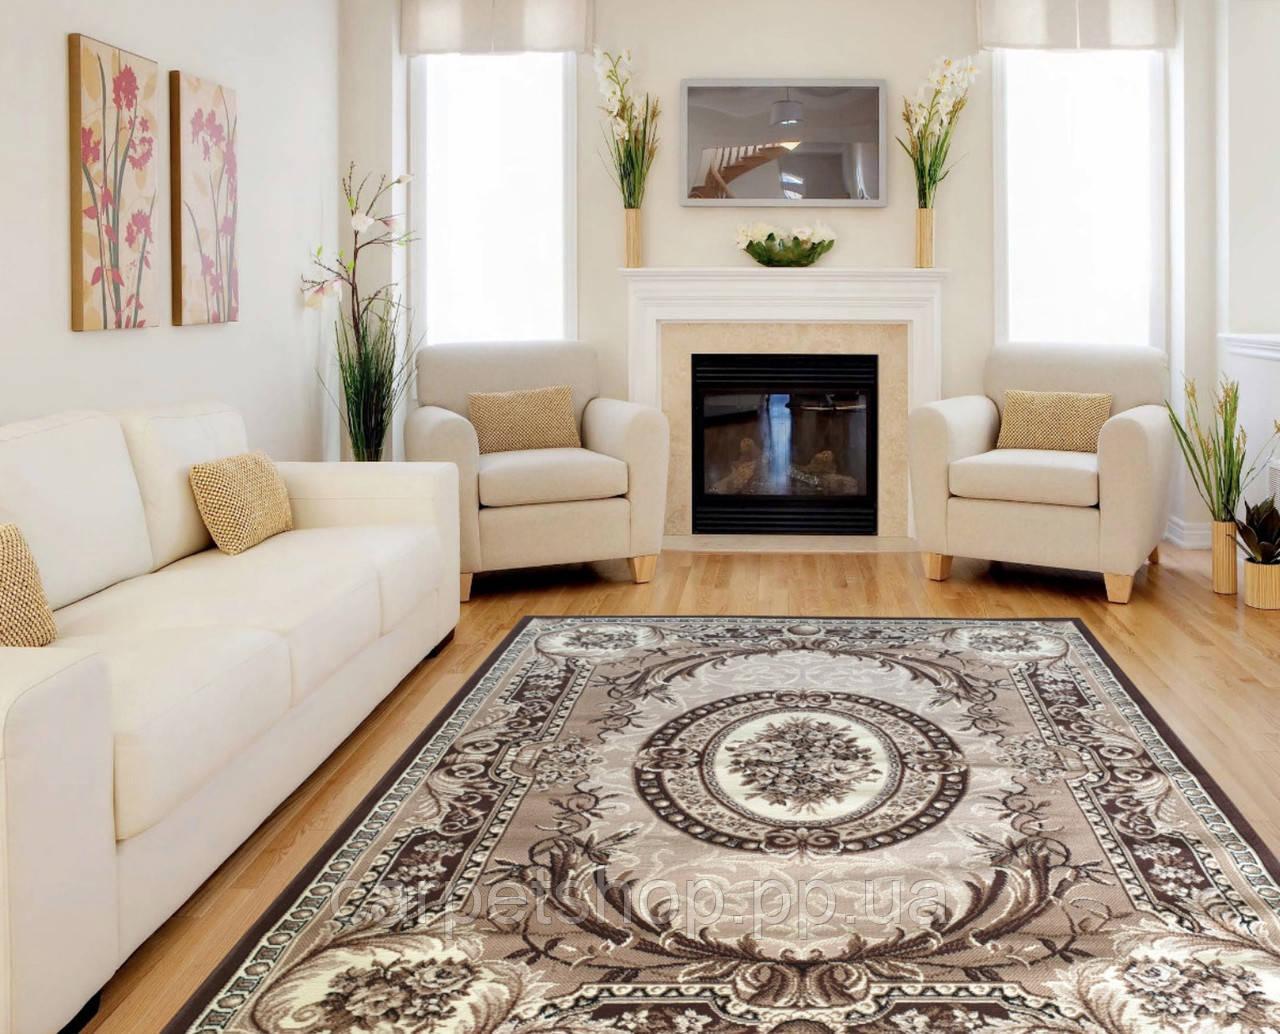 Ковёр Gold 4*5  производитель Karat Carpet  Украина